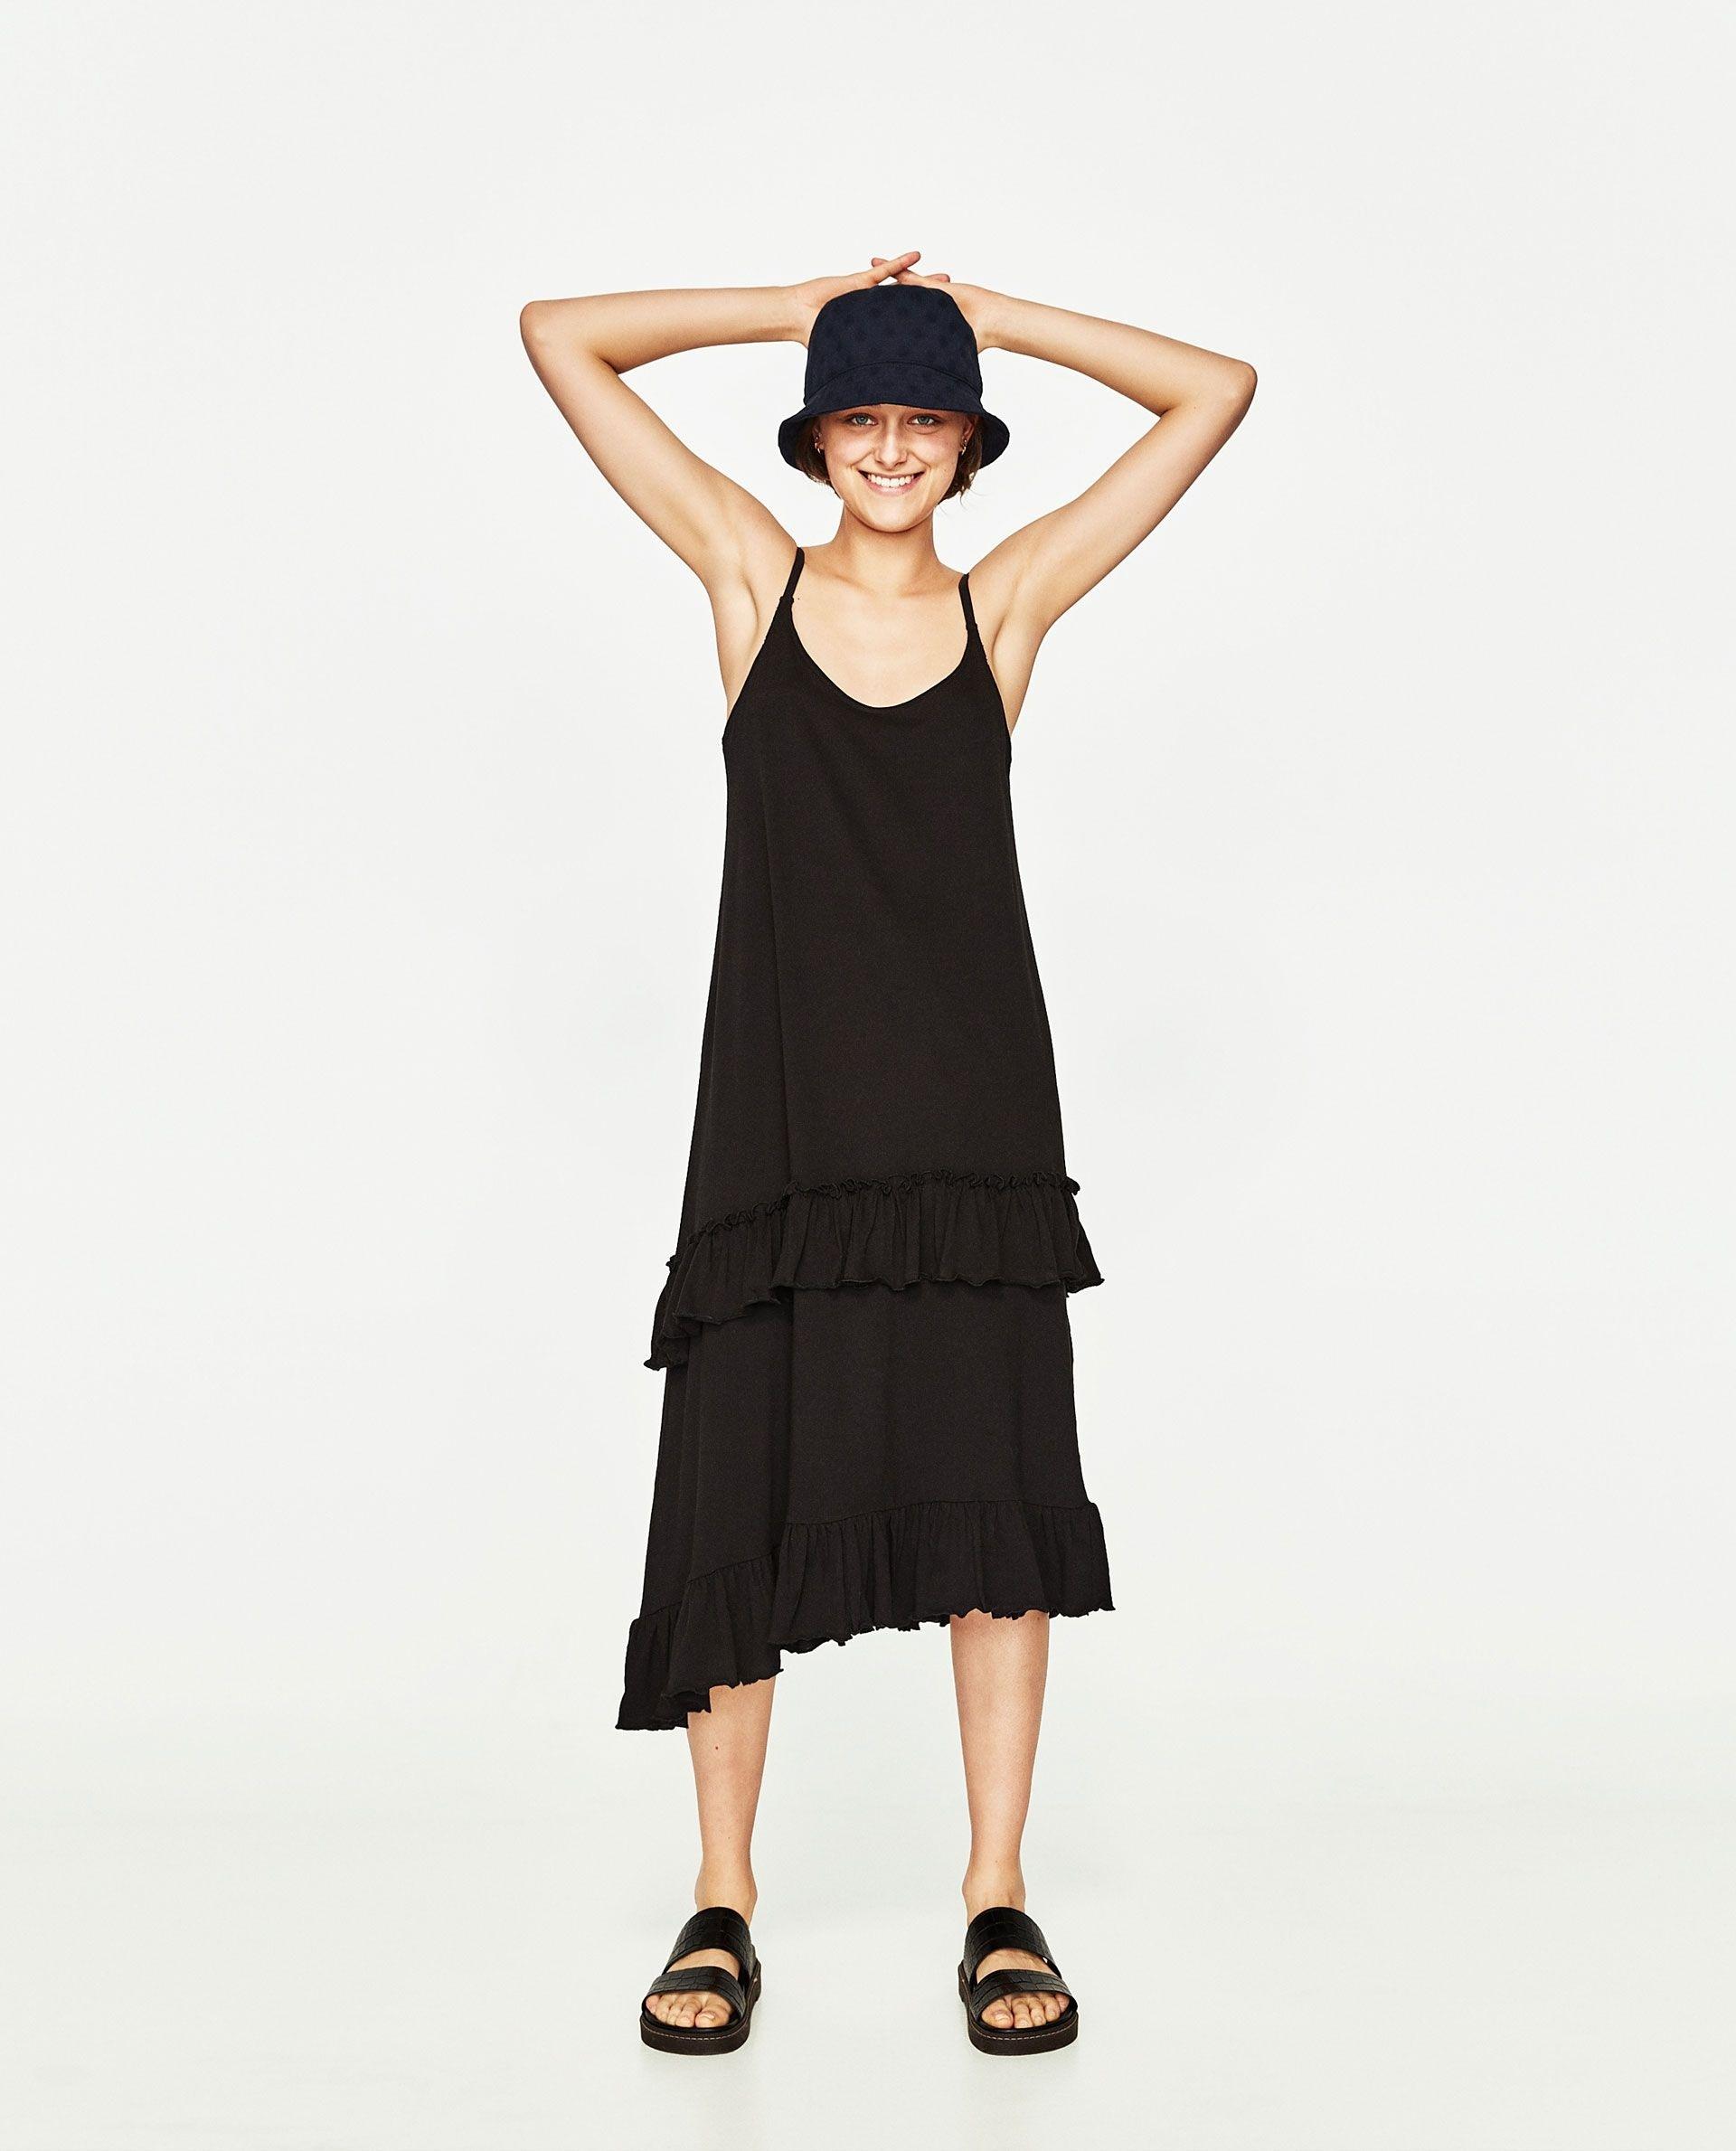 17 Ausgezeichnet Damen Sommerkleider Midi Stylish Großartig Damen Sommerkleider Midi Ärmel